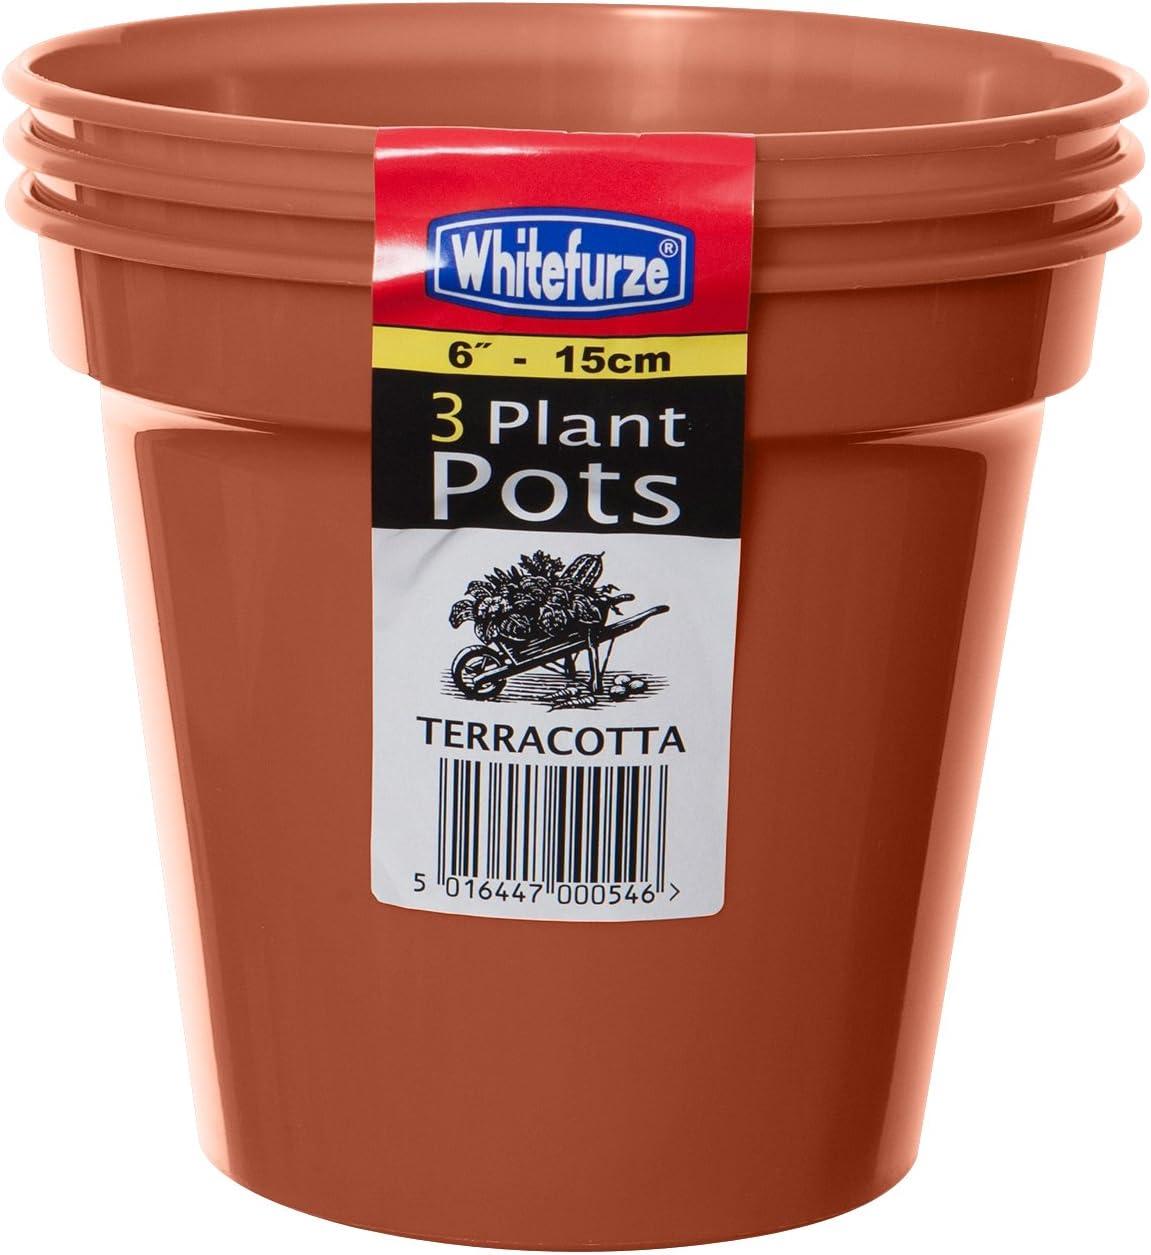 60 Whitefurze Small 7.5cm Seed Plant Pots Terracotta Colour Plastic Pots